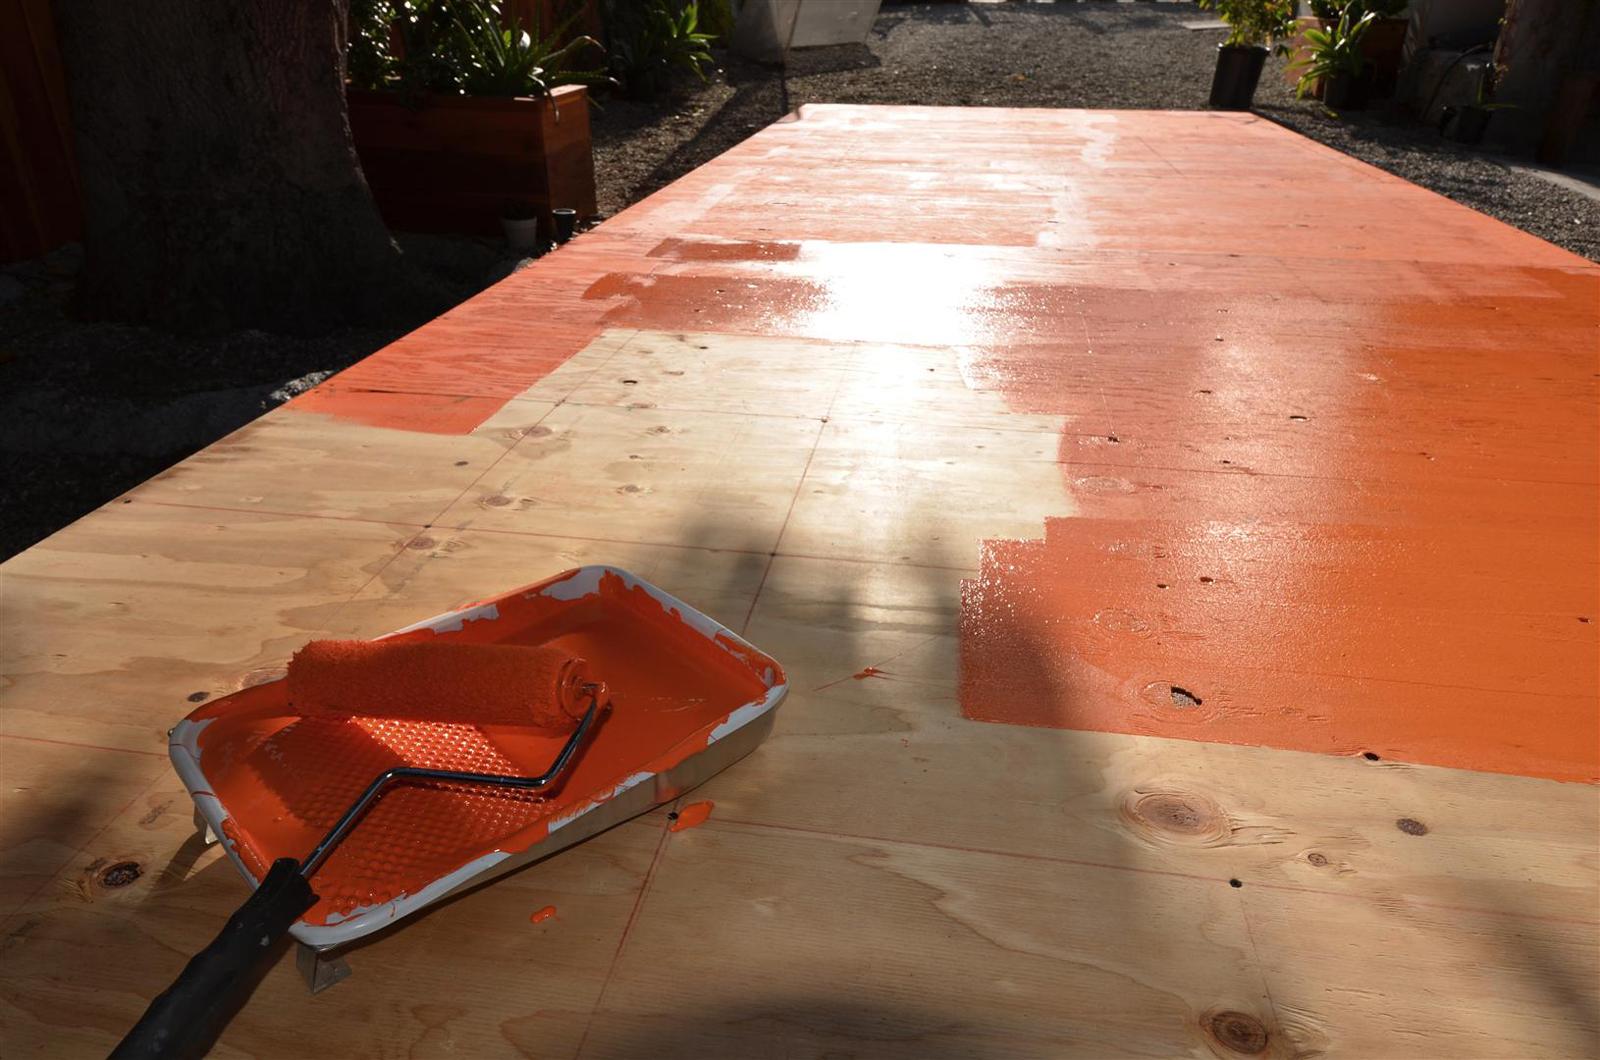 Painting the base coat bright orange.